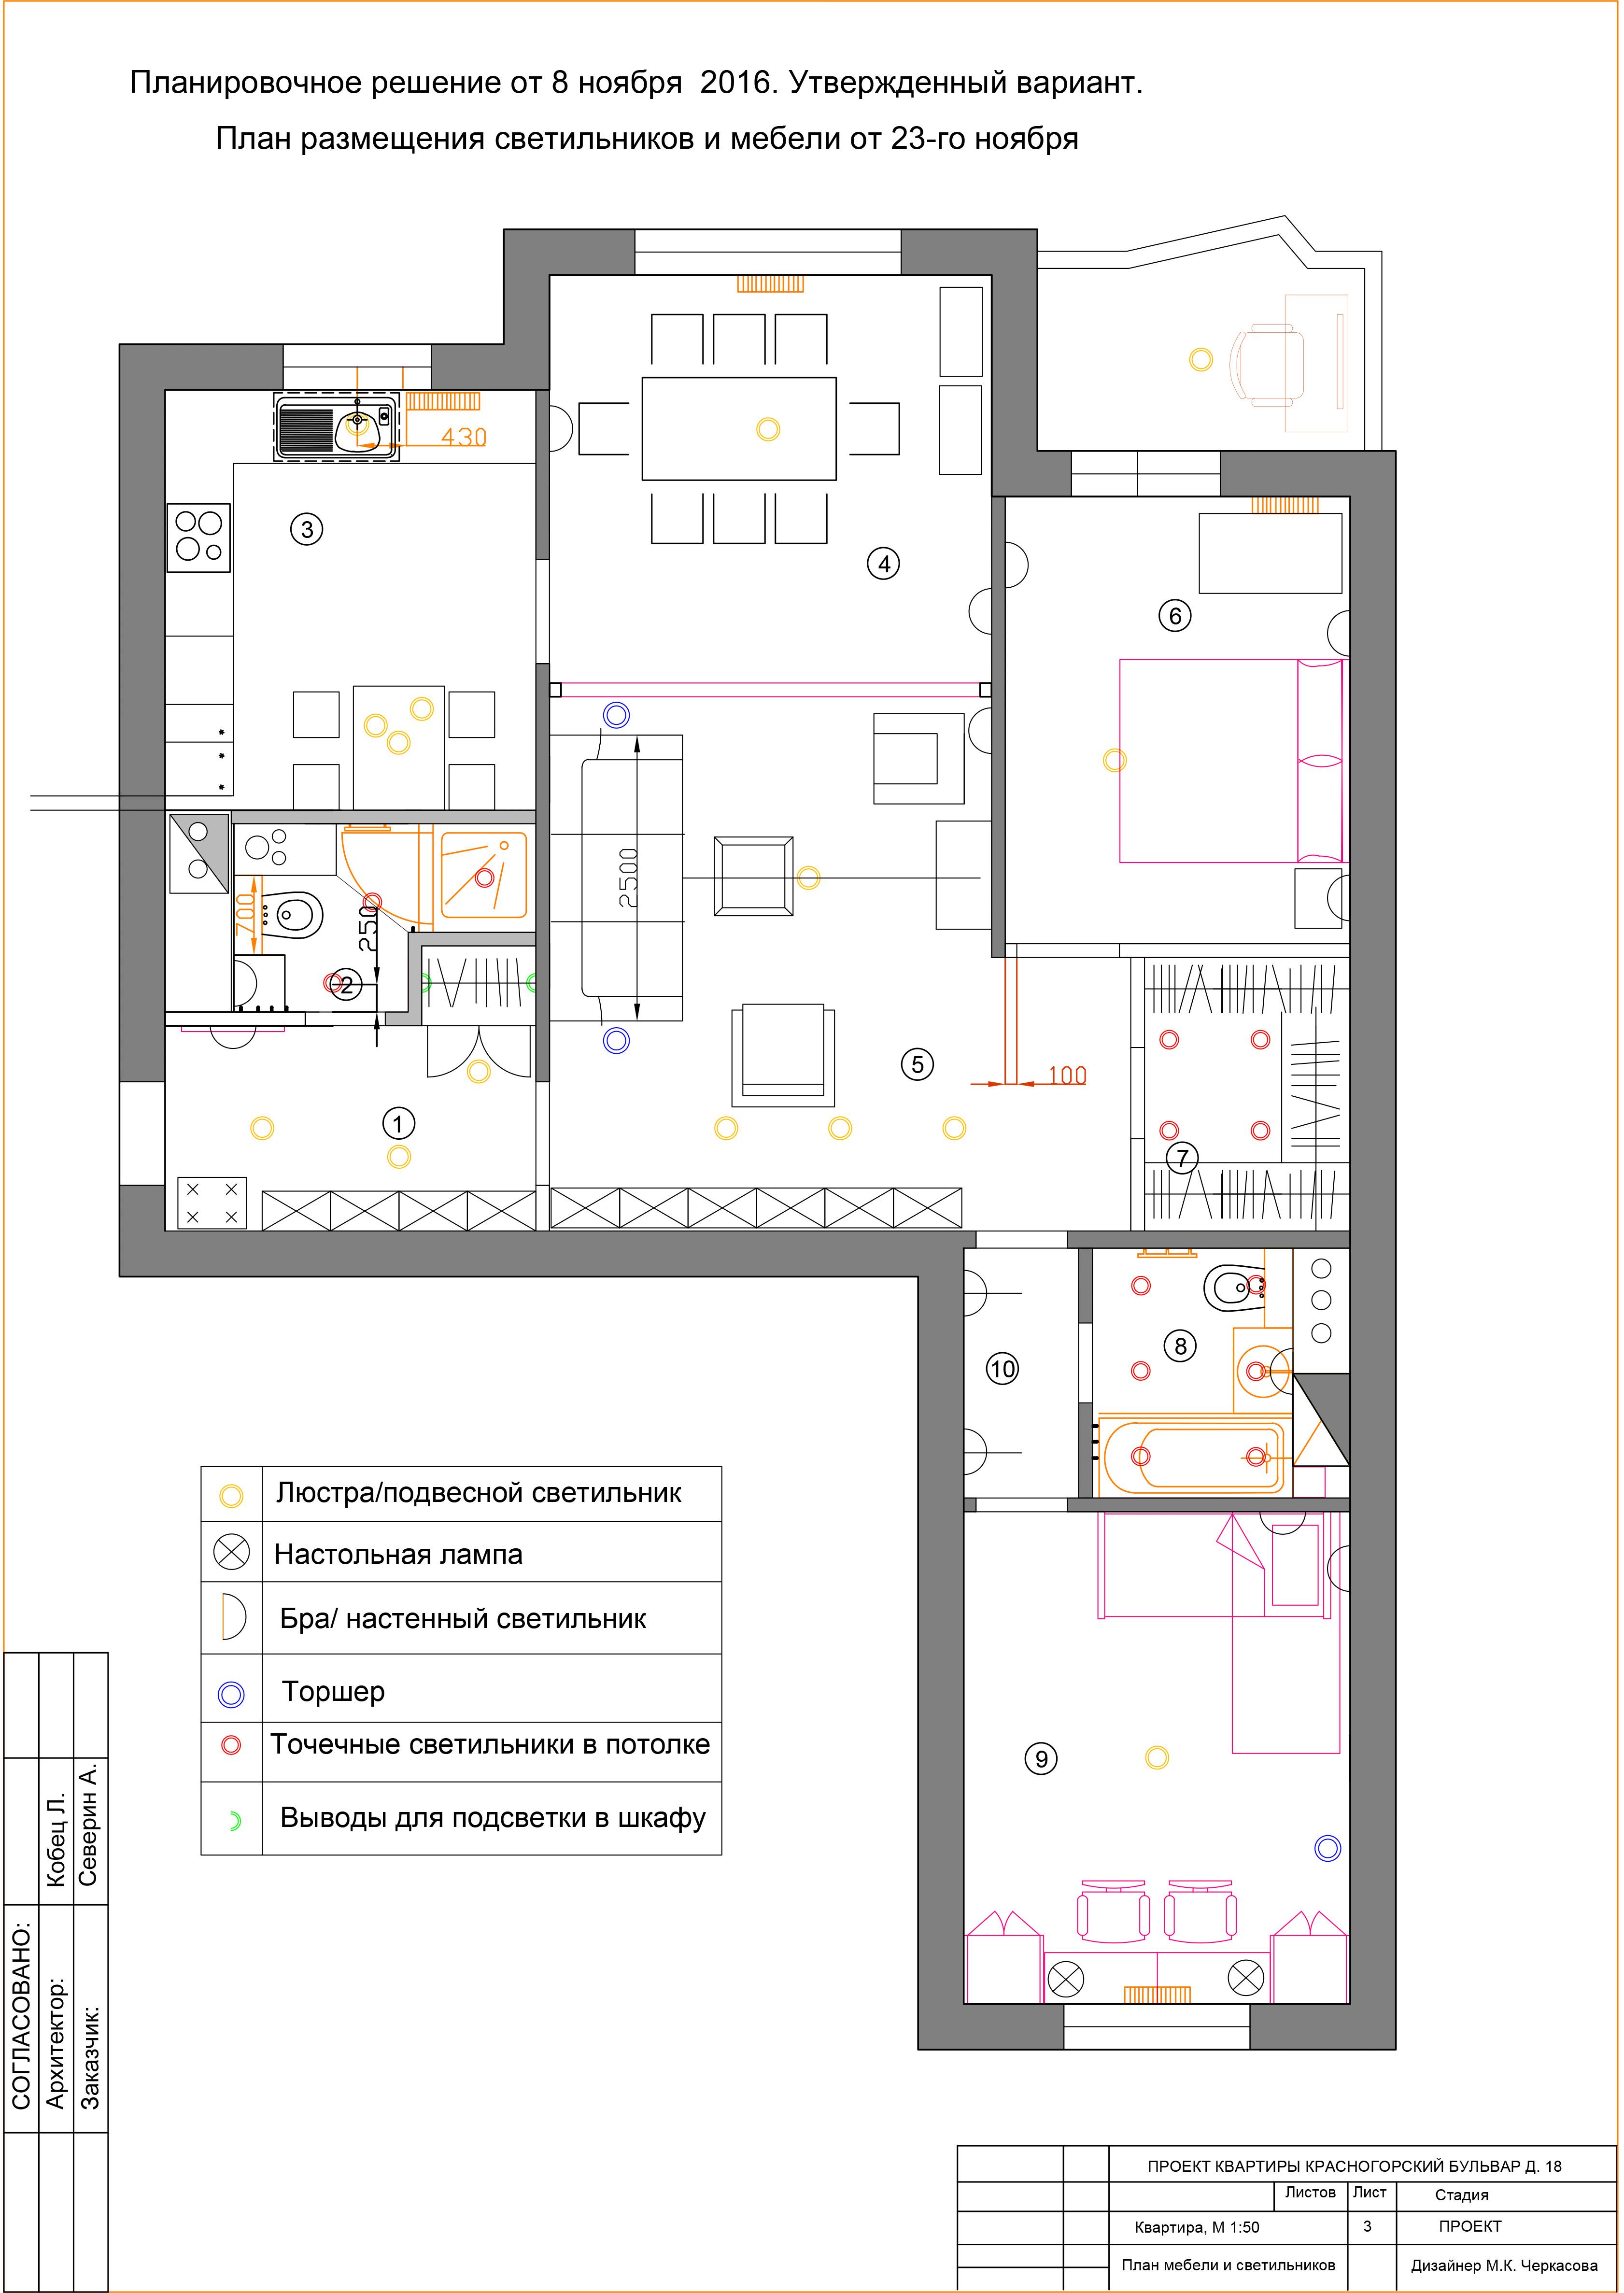 Лист_3_план мебели и светильников